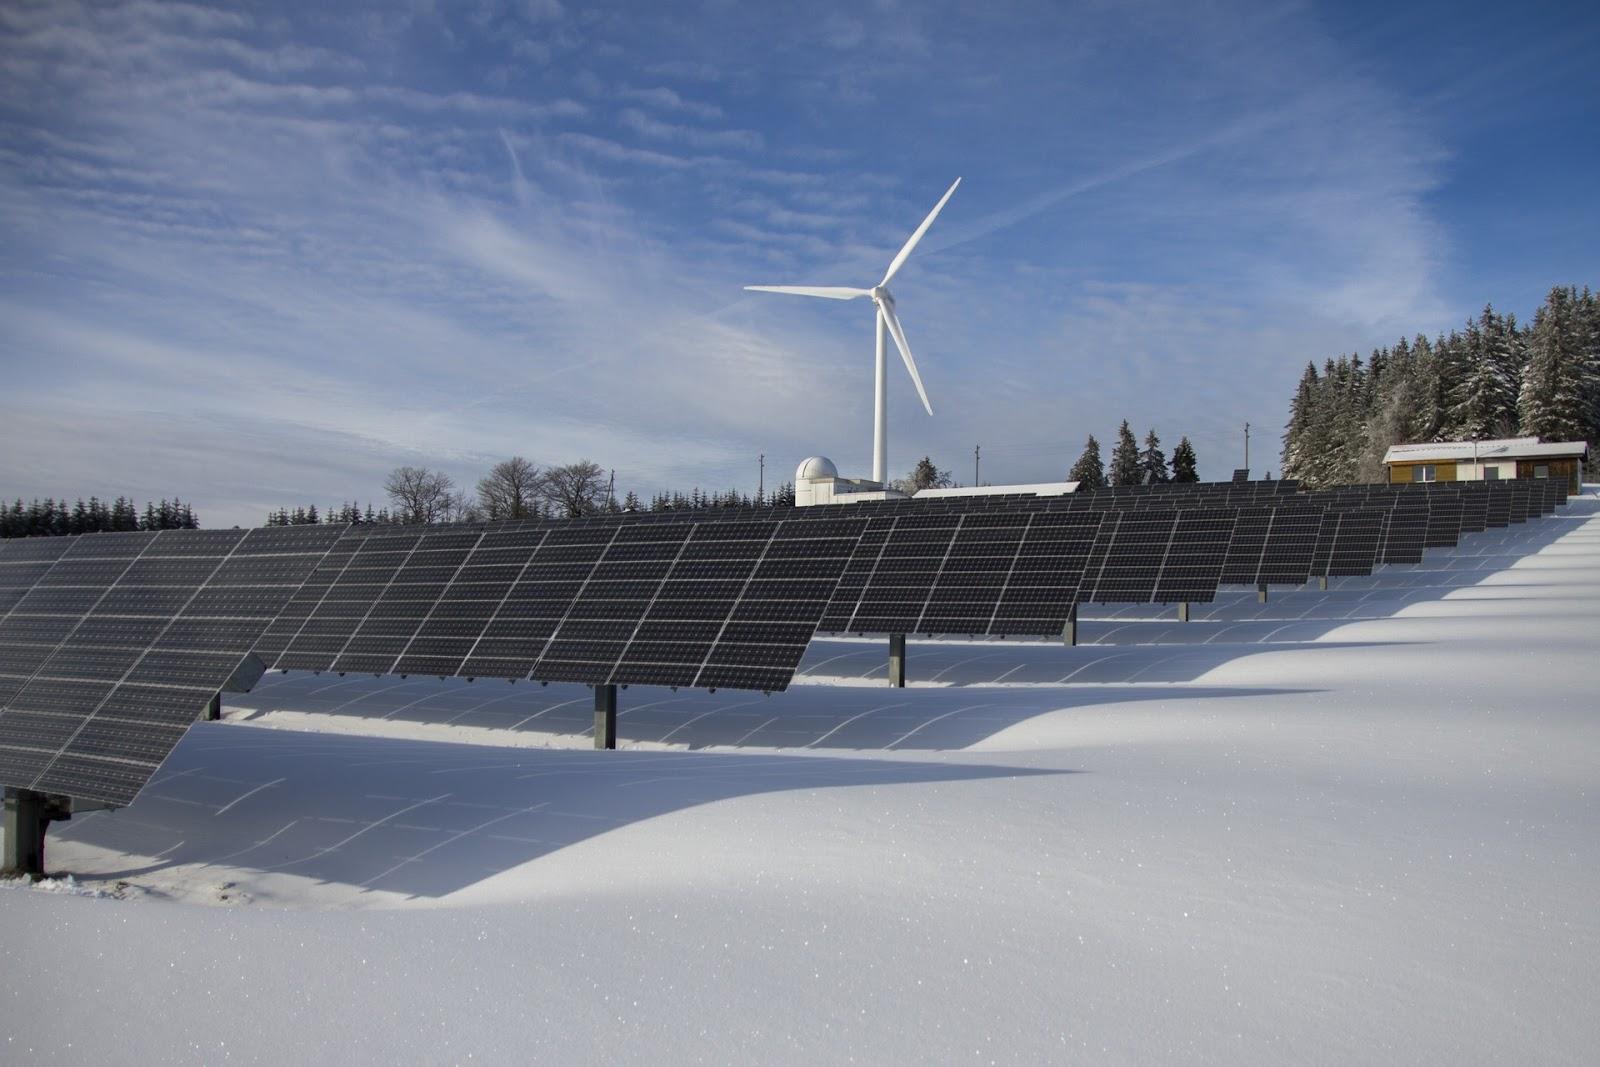 Fazenda de energia solar e eólica. (Fonte: Pexels)